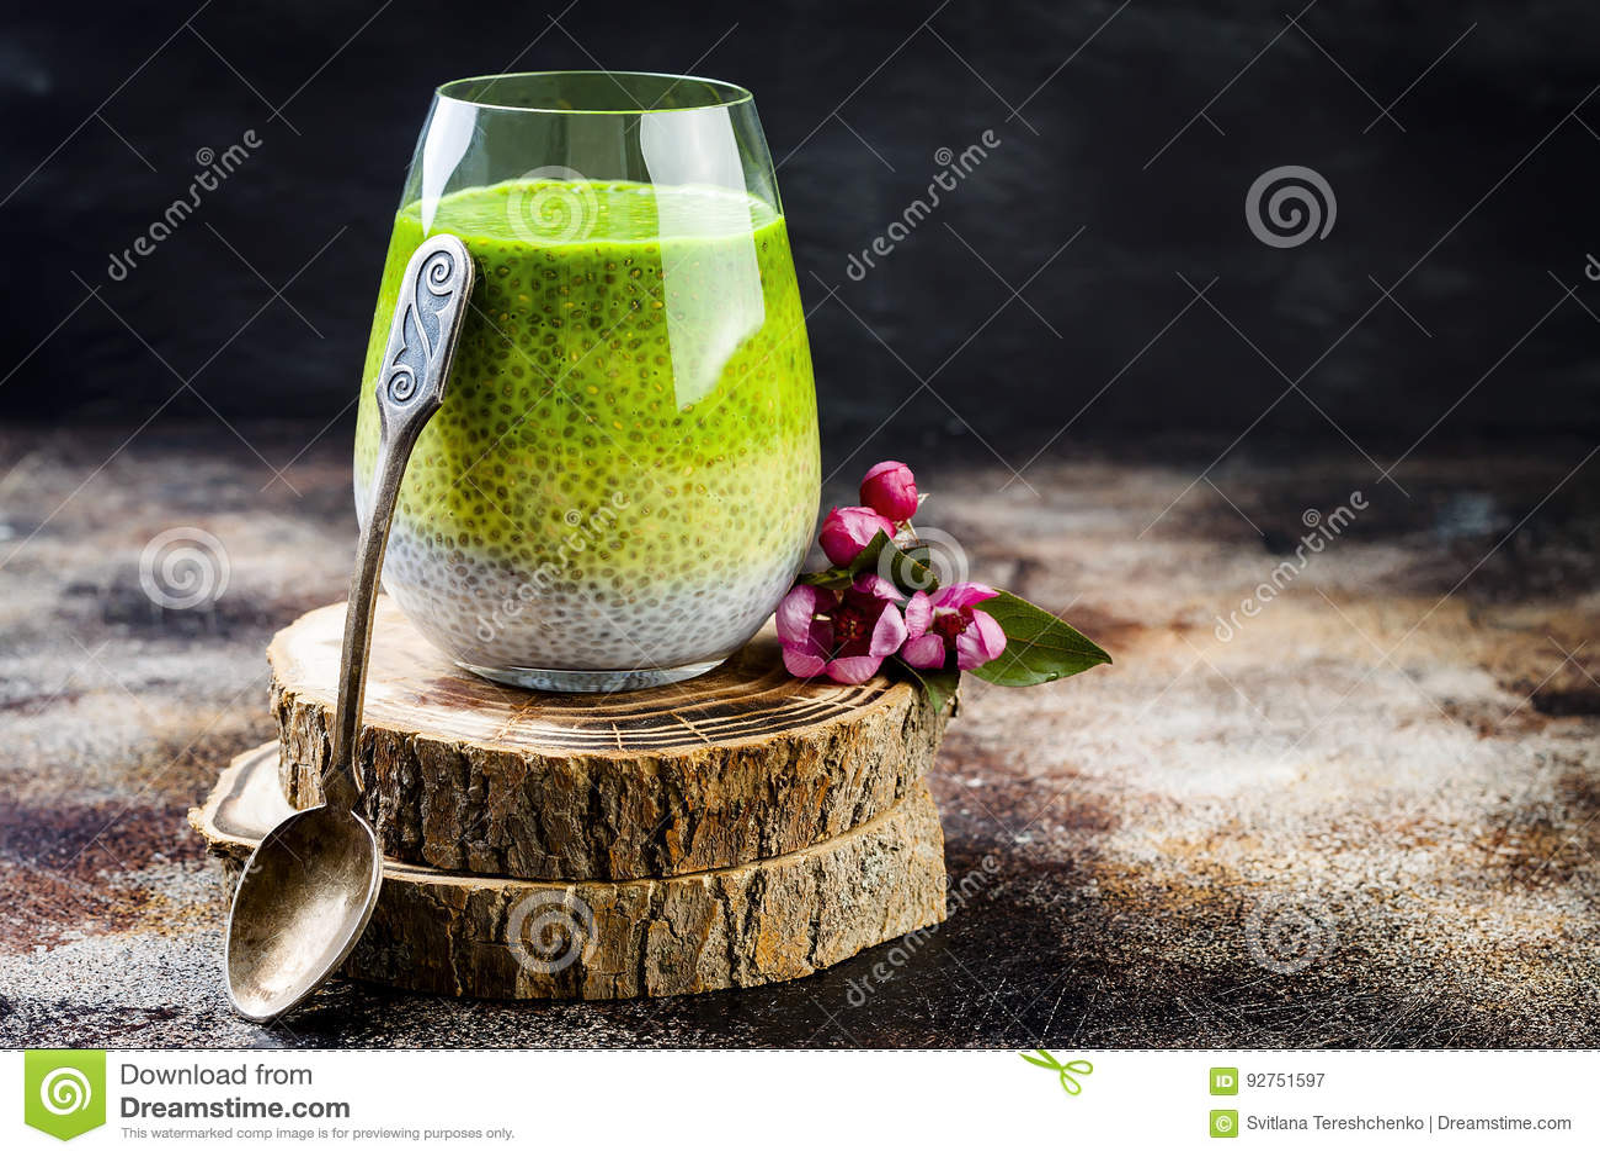 戒毒所ombre分层了堆积matcha绿茶chia种子布丁 素食主义者点心用椰奶 健康素食早餐